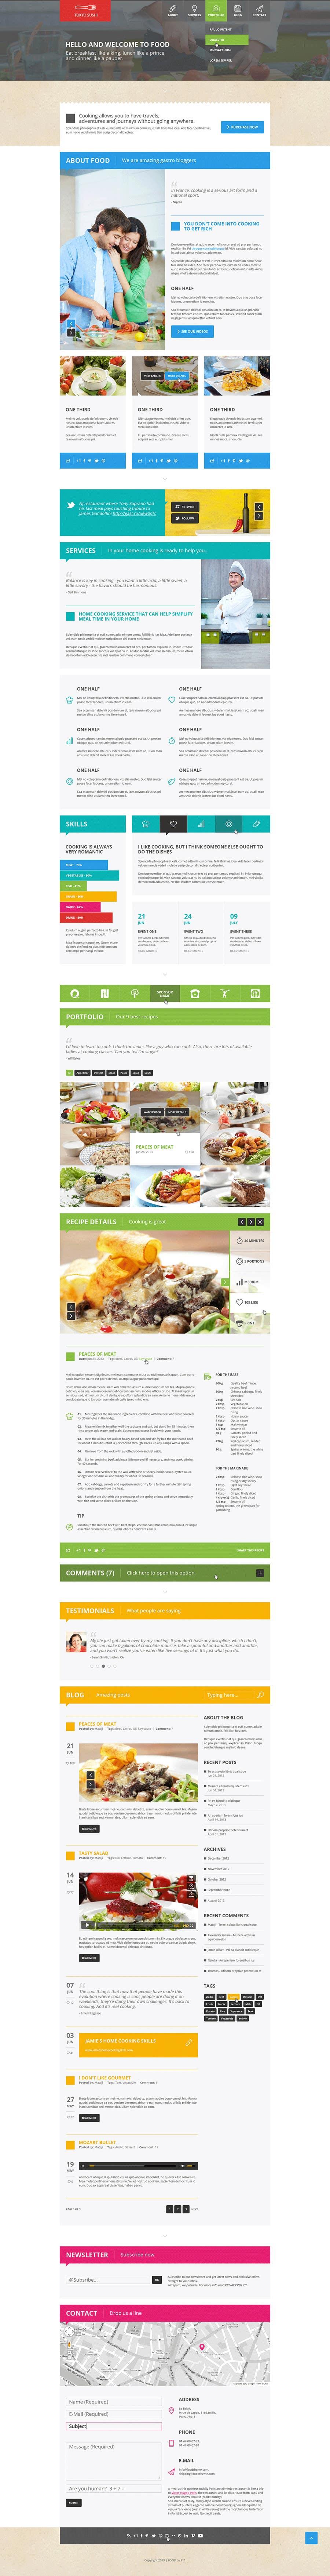 Kilpailutyö #16 kilpailussa Design a Website Mockup for a Wholesale food distributor